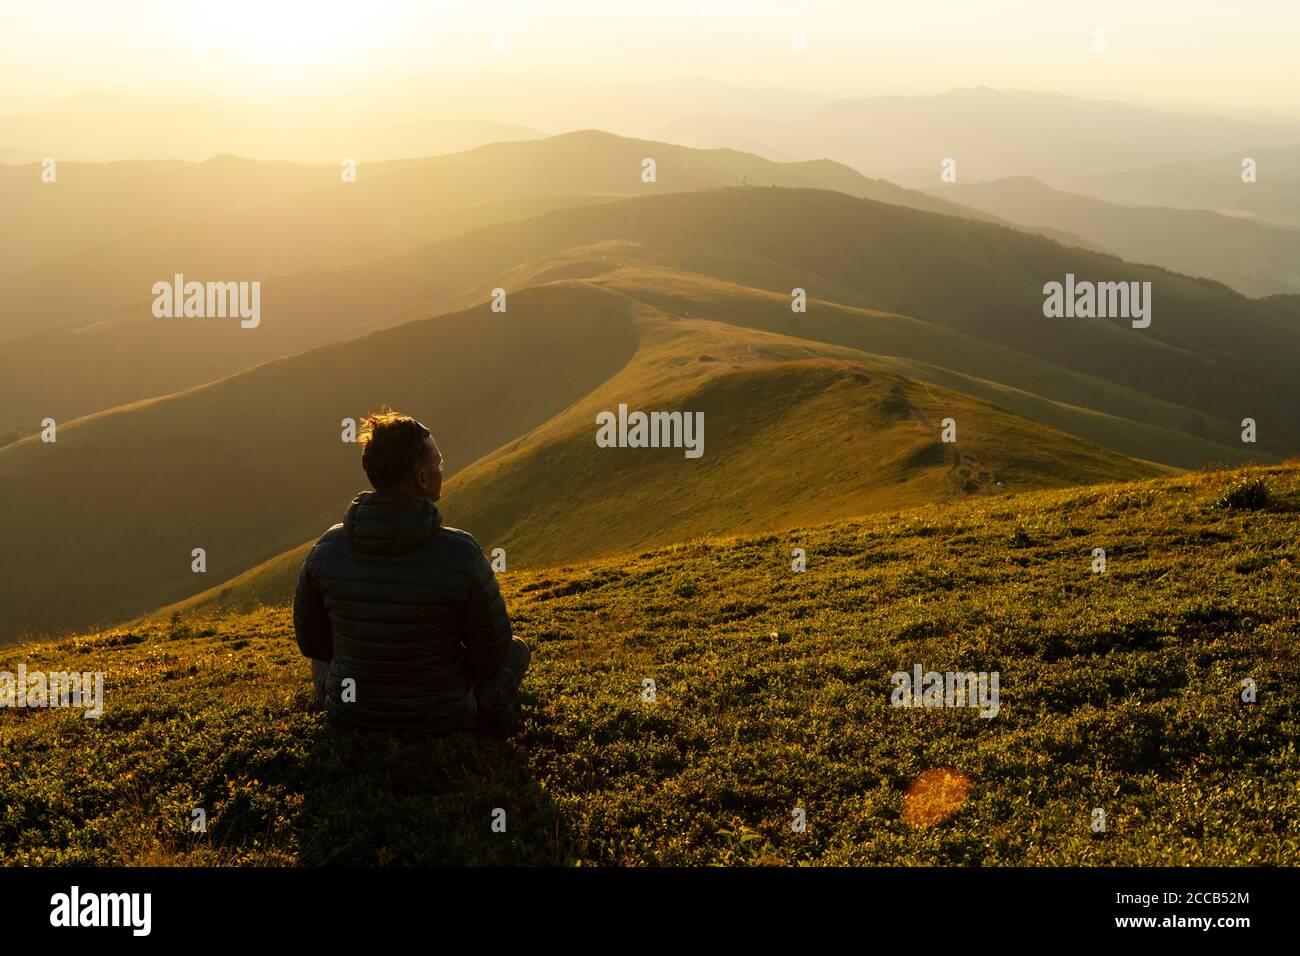 Solo turista en el borde de la colina de montaña contra el telón de fondo de un increíble paisaje de montañas al atardecer Foto de stock